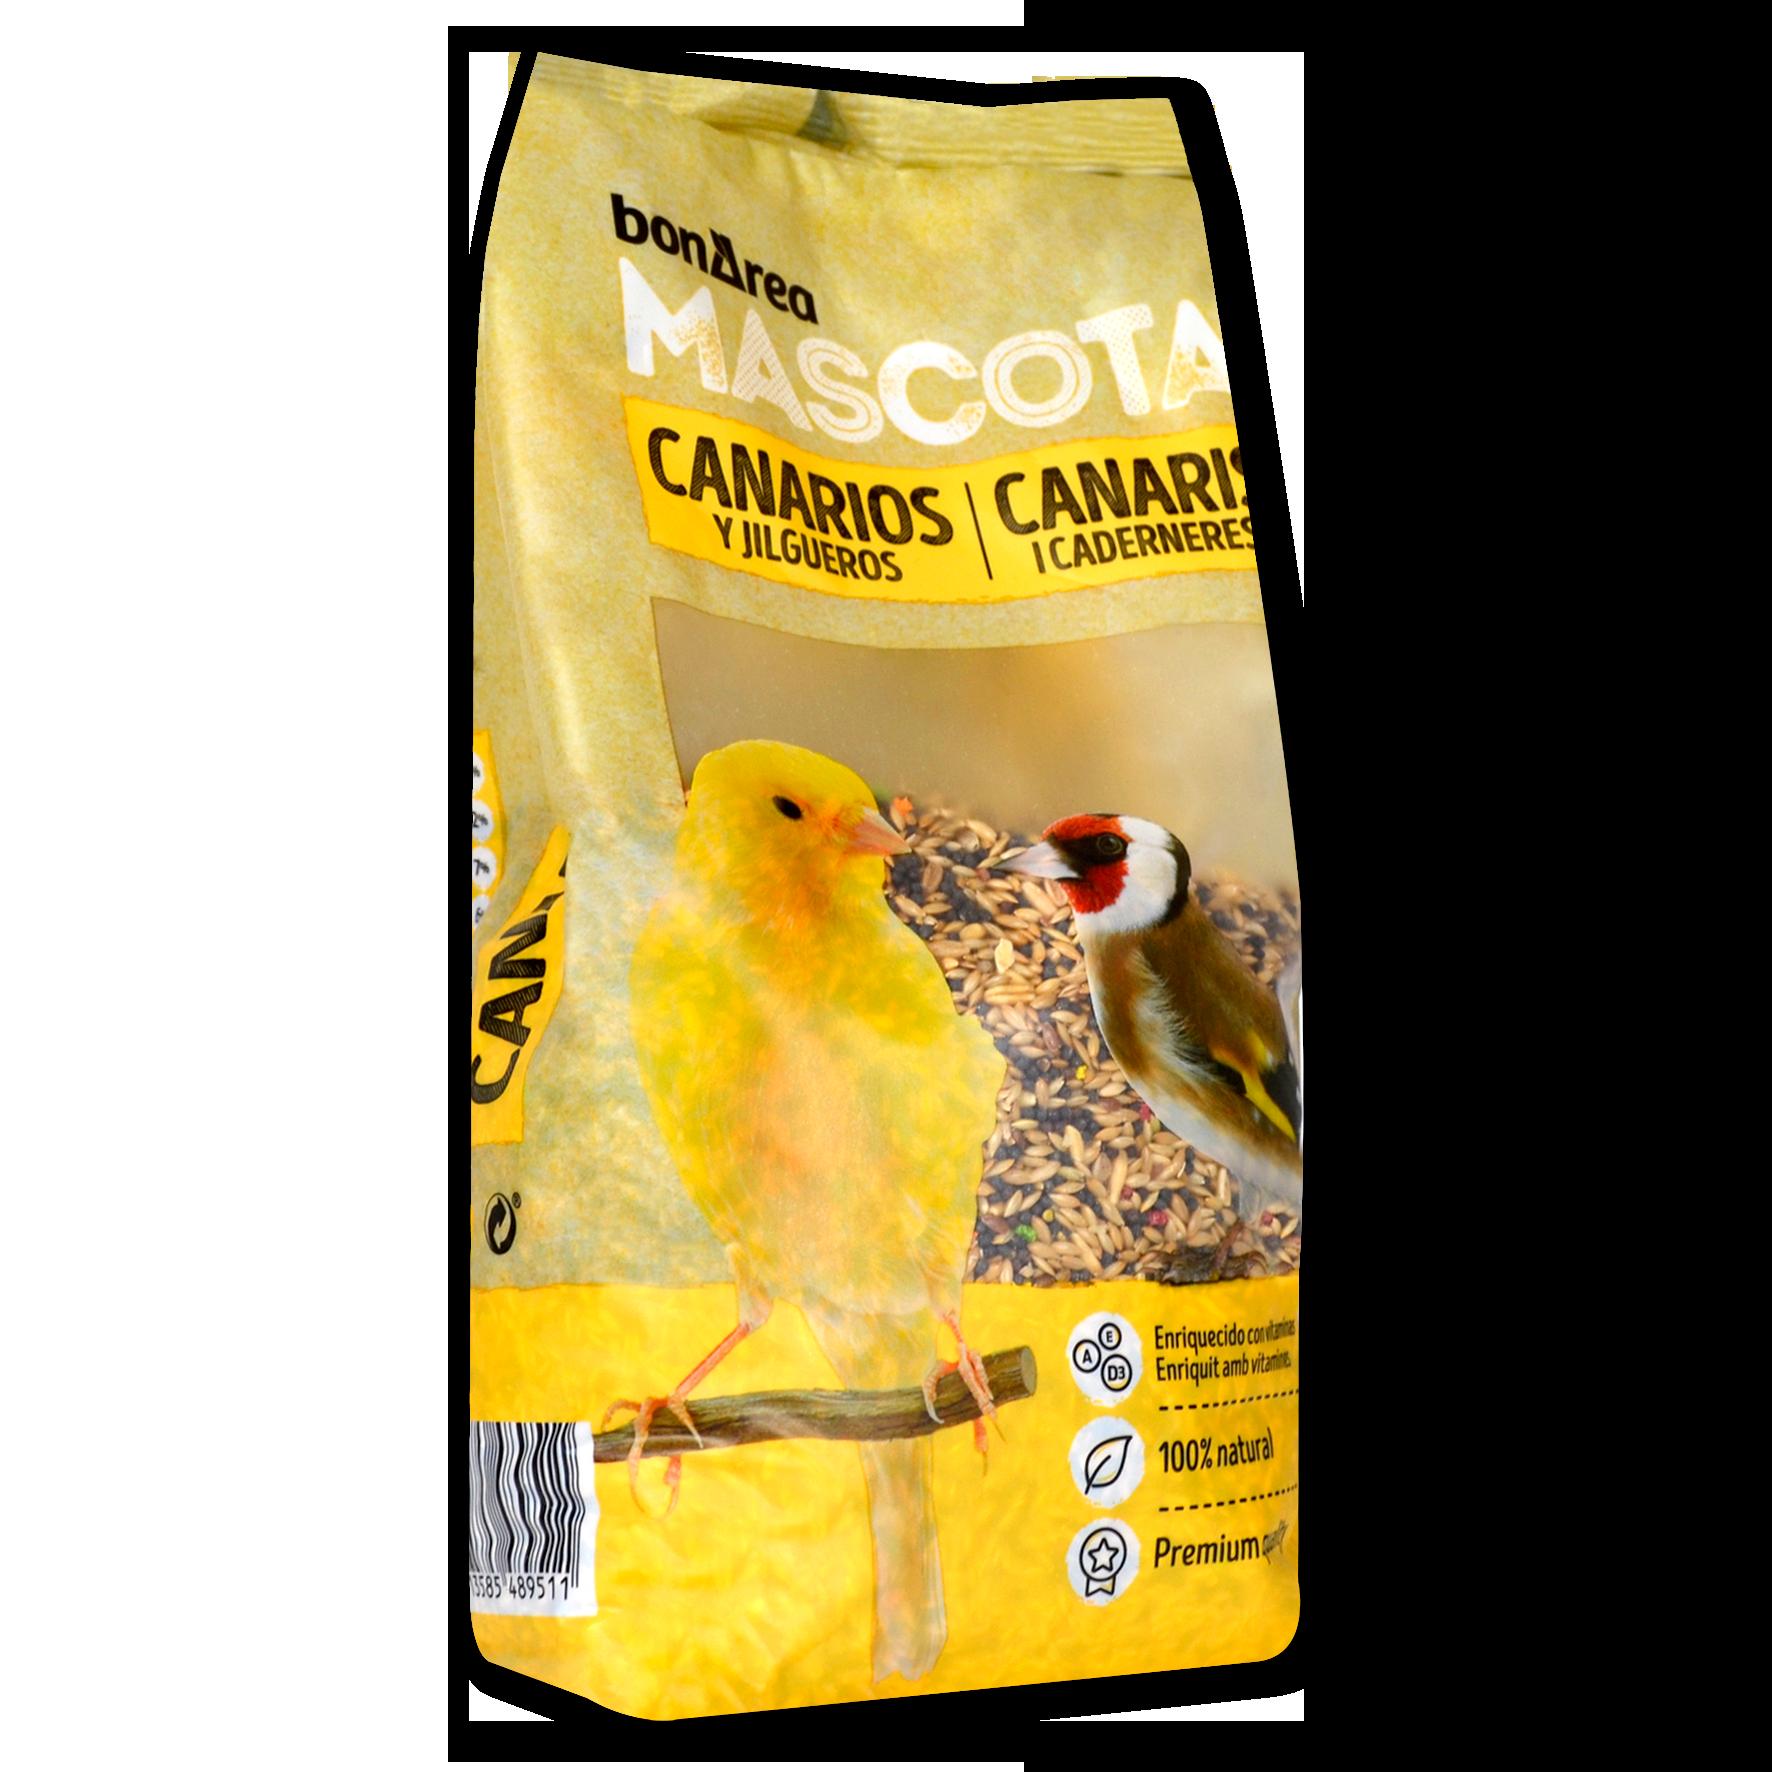 bonÀrea mascota Mixtura canaris